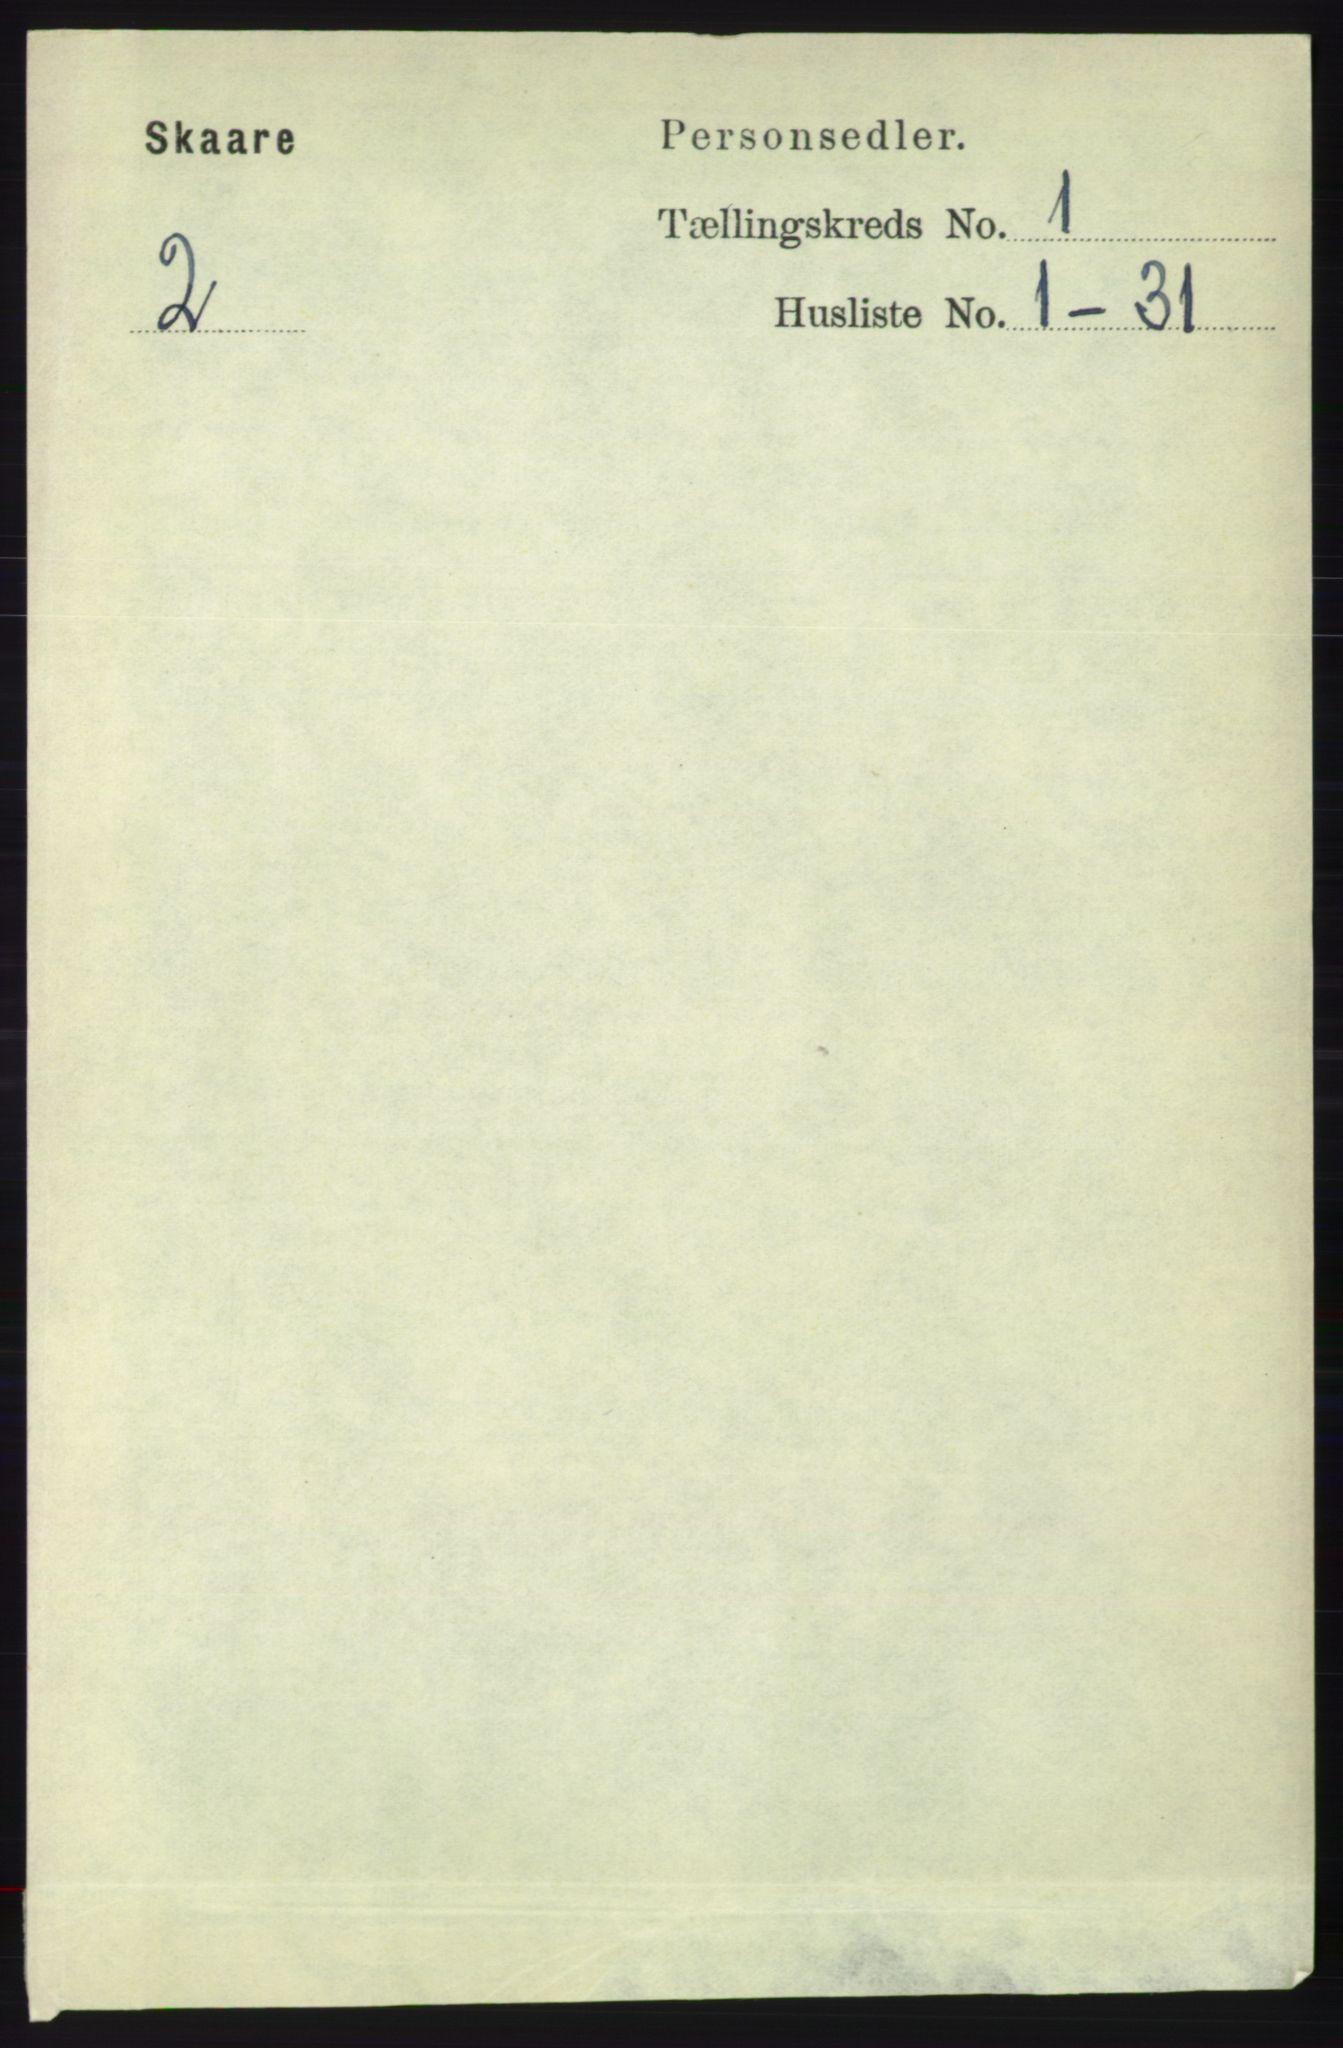 RA, Folketelling 1891 for 1153 Skåre herred, 1891, s. 108